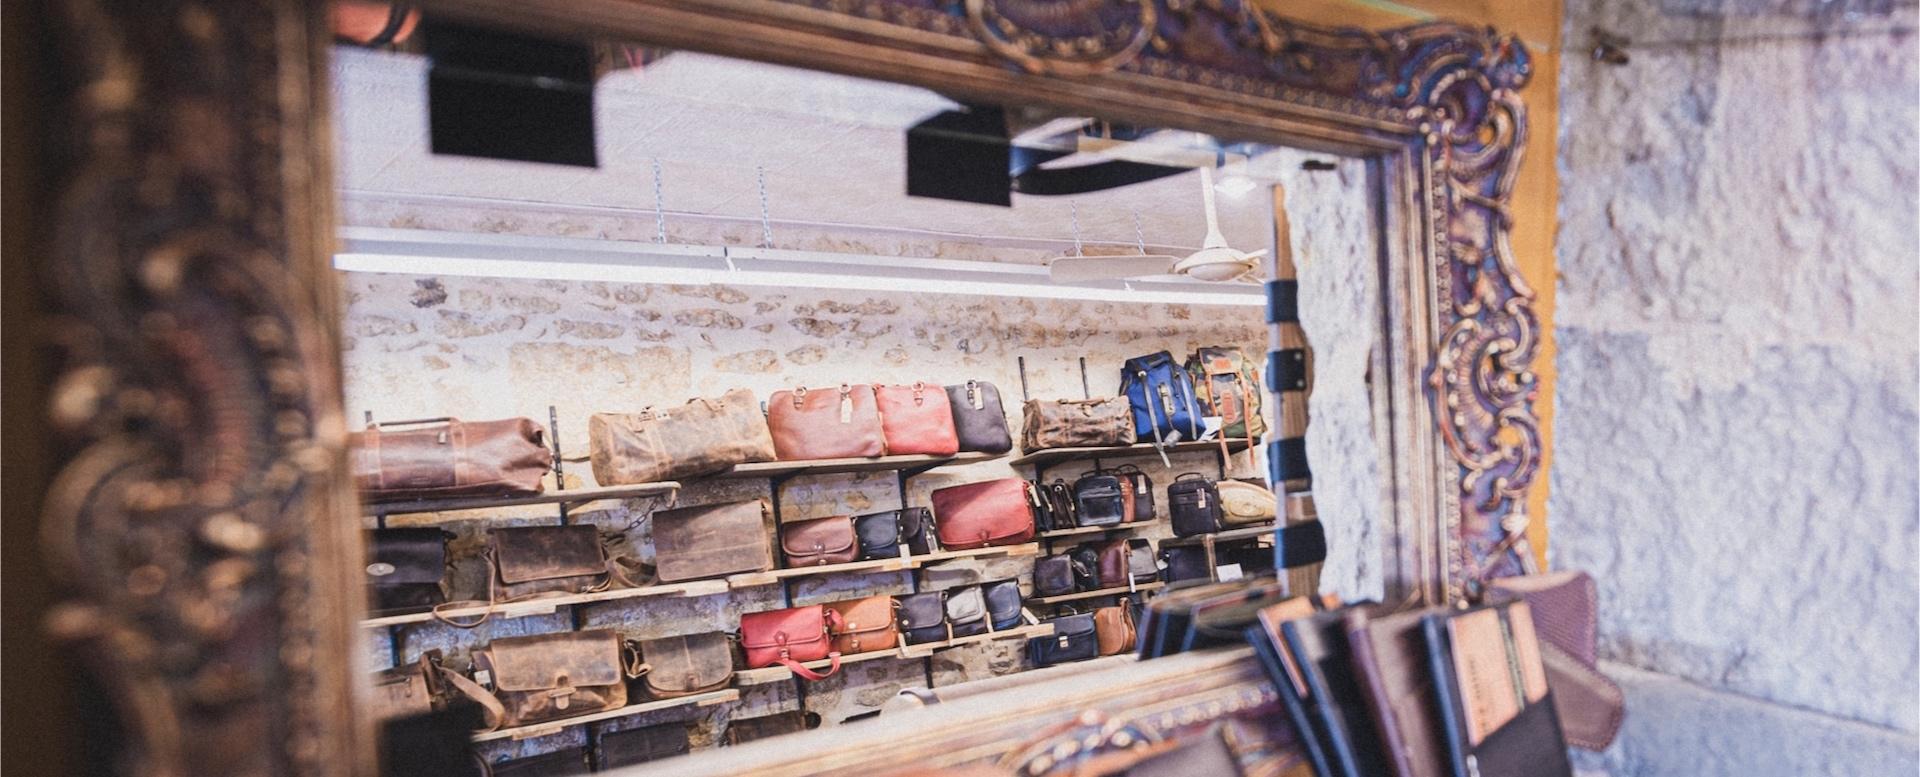 Roch&Gaston, maroquinerie en cuir, sacs à mains à Périgueux, en Dordogne